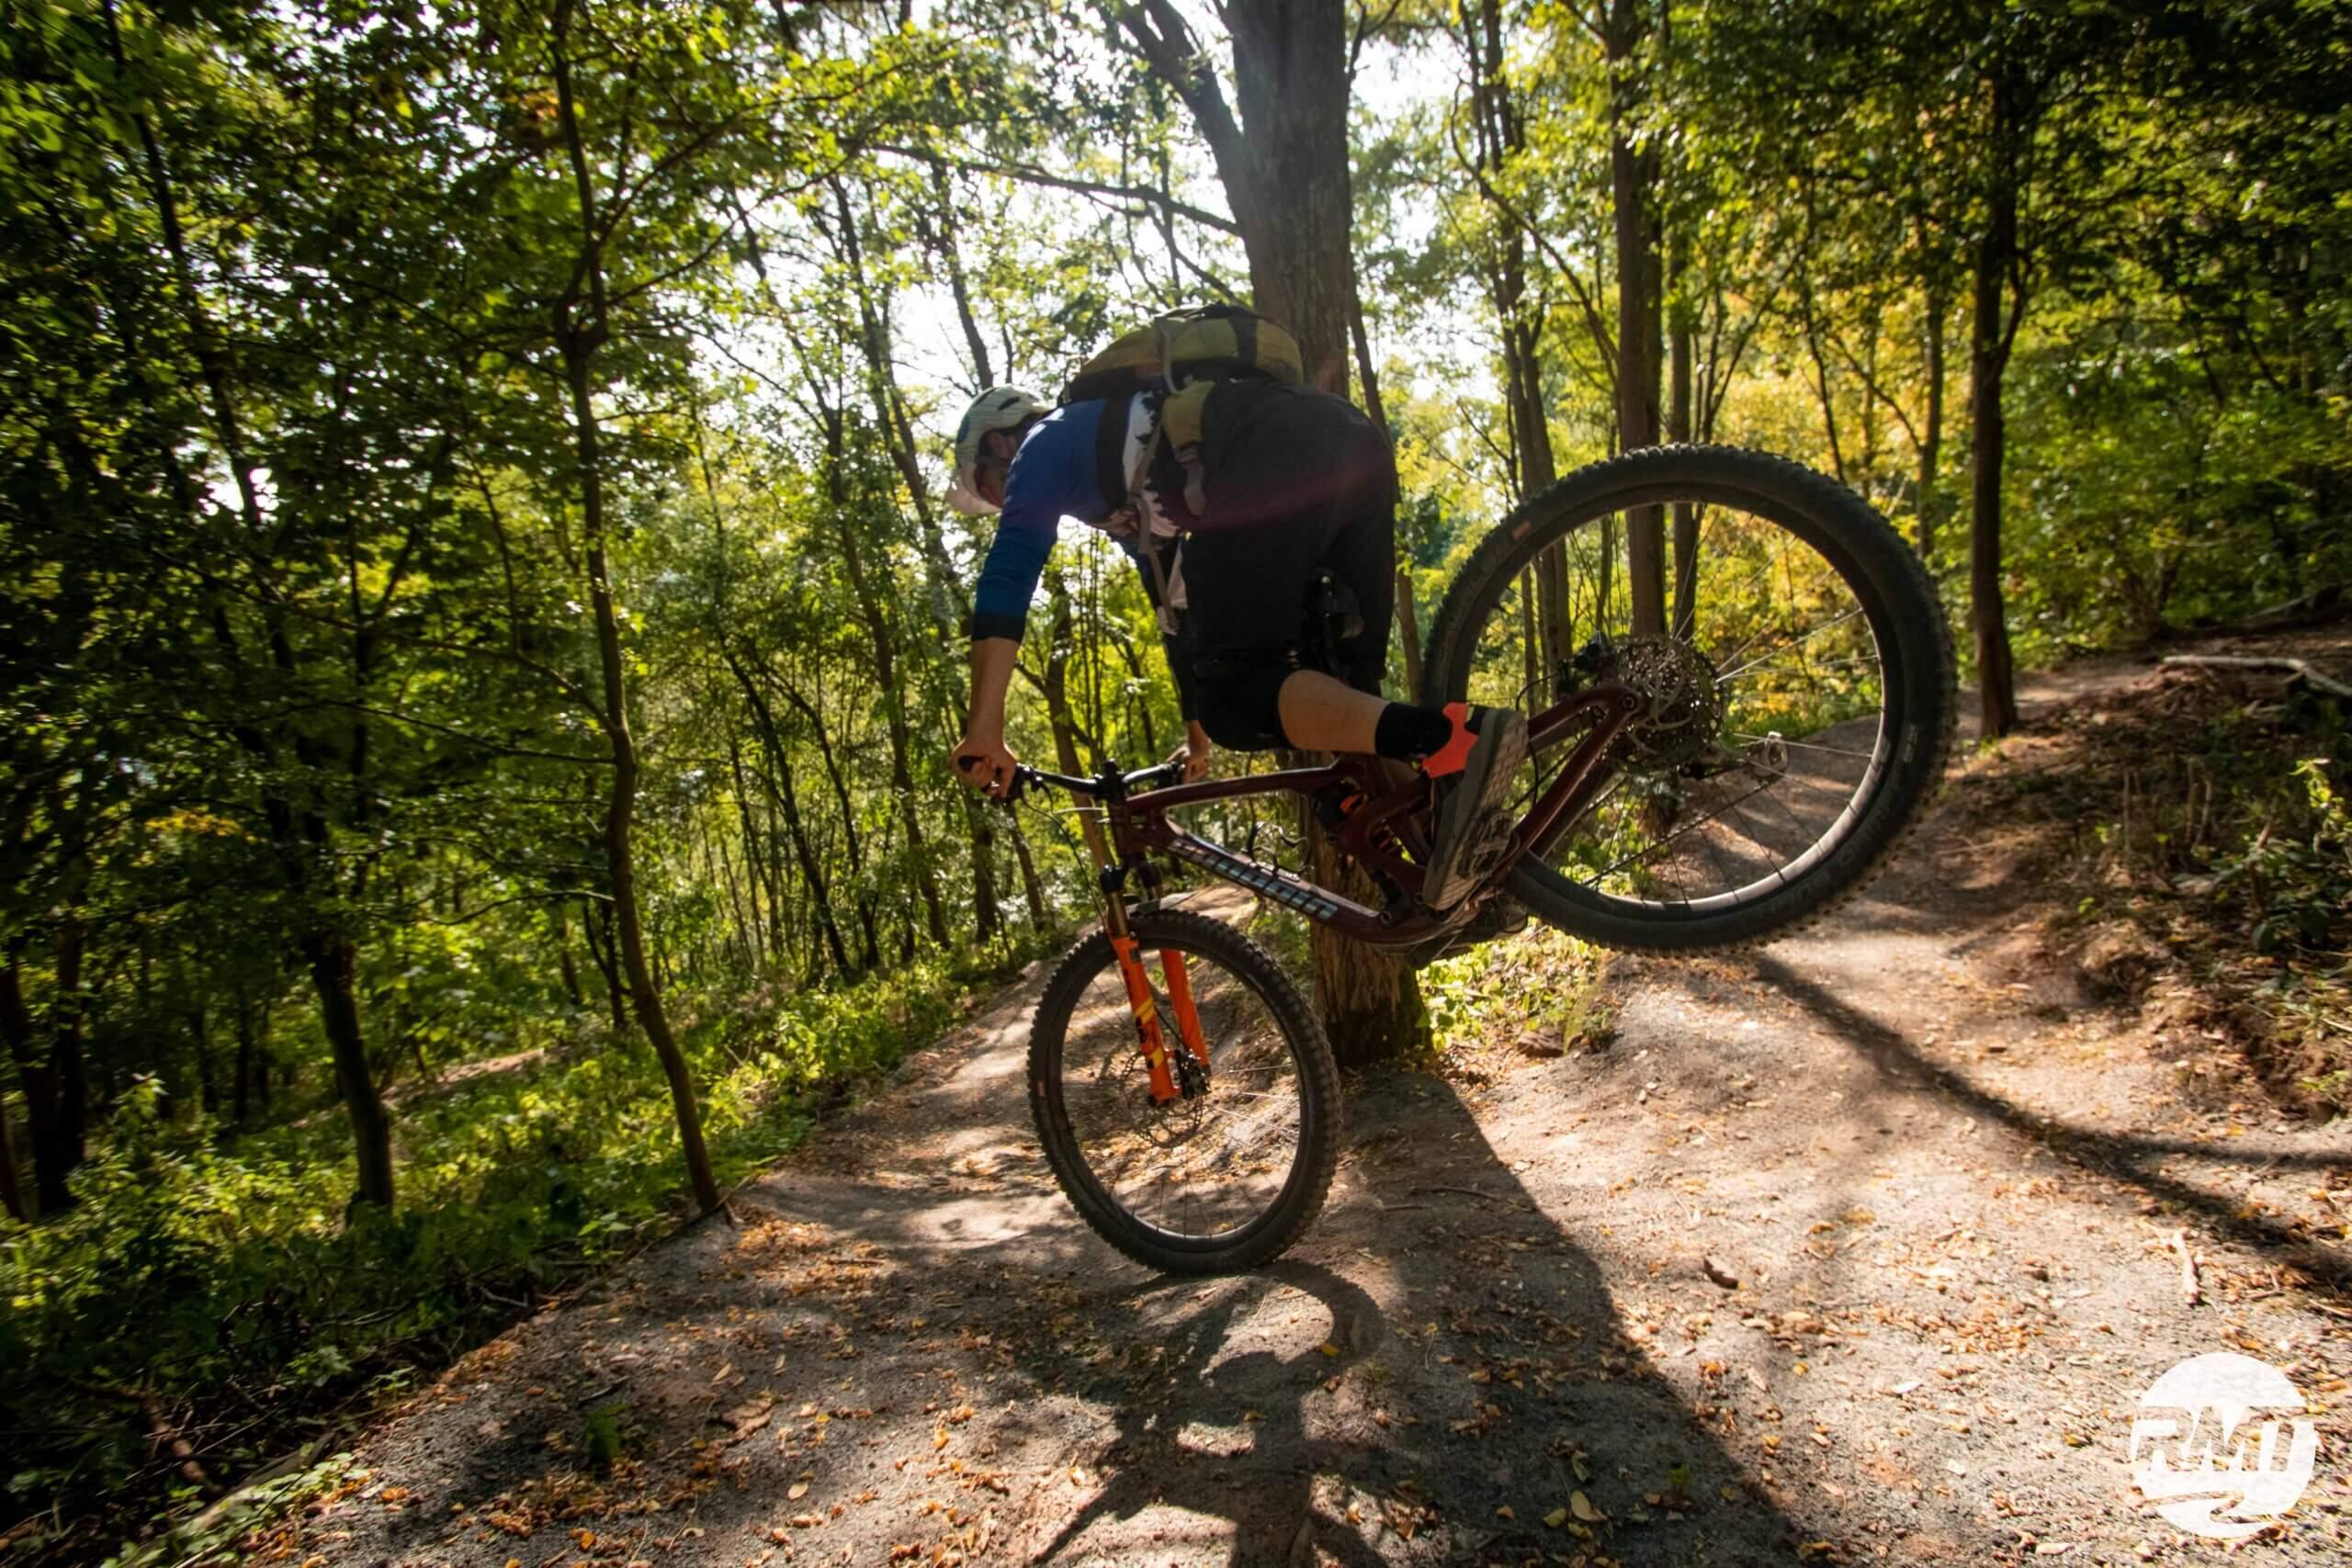 Hinterrad-versetzen-lernen-Fahrtechnik-Kurs-fuer-Serpentinen-Kehren-Rock-my-Trail-Bikeschule-2